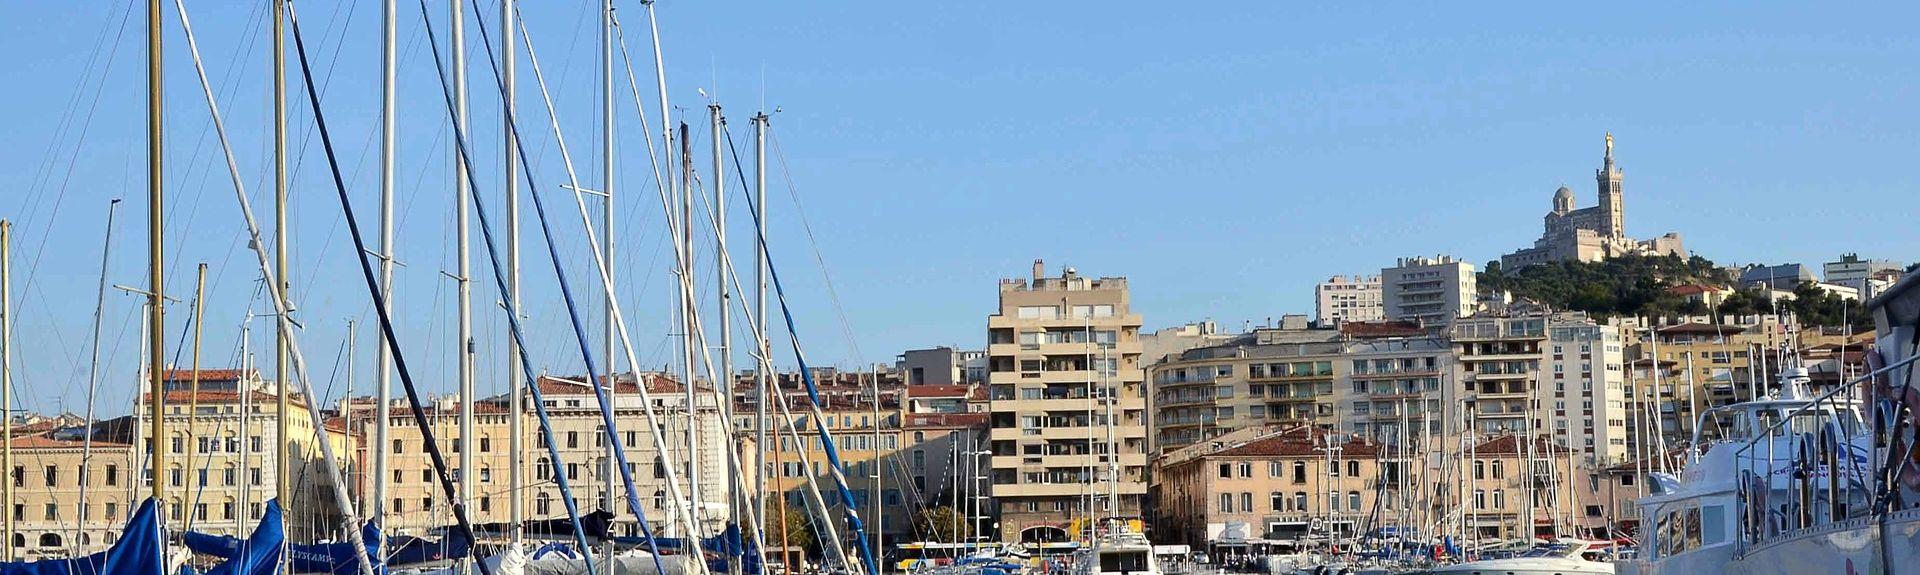 La Castellane, Marseille, Provence-Alpes-Côte d'Azur, Frankreich